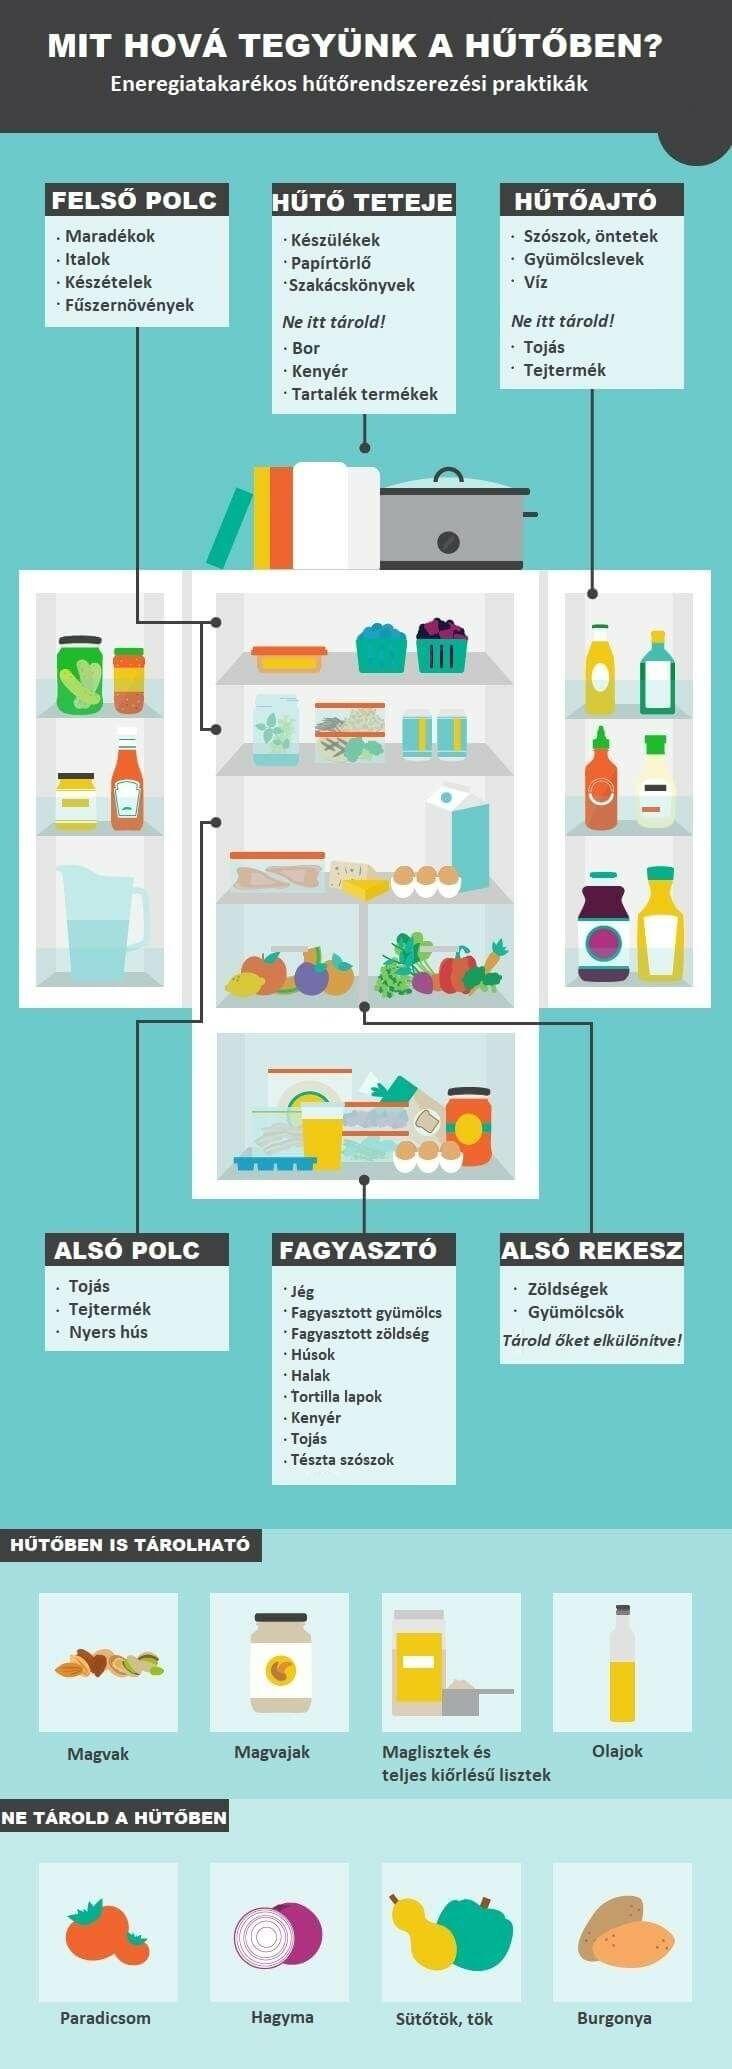 hogyan pakoljunk hűtőbe